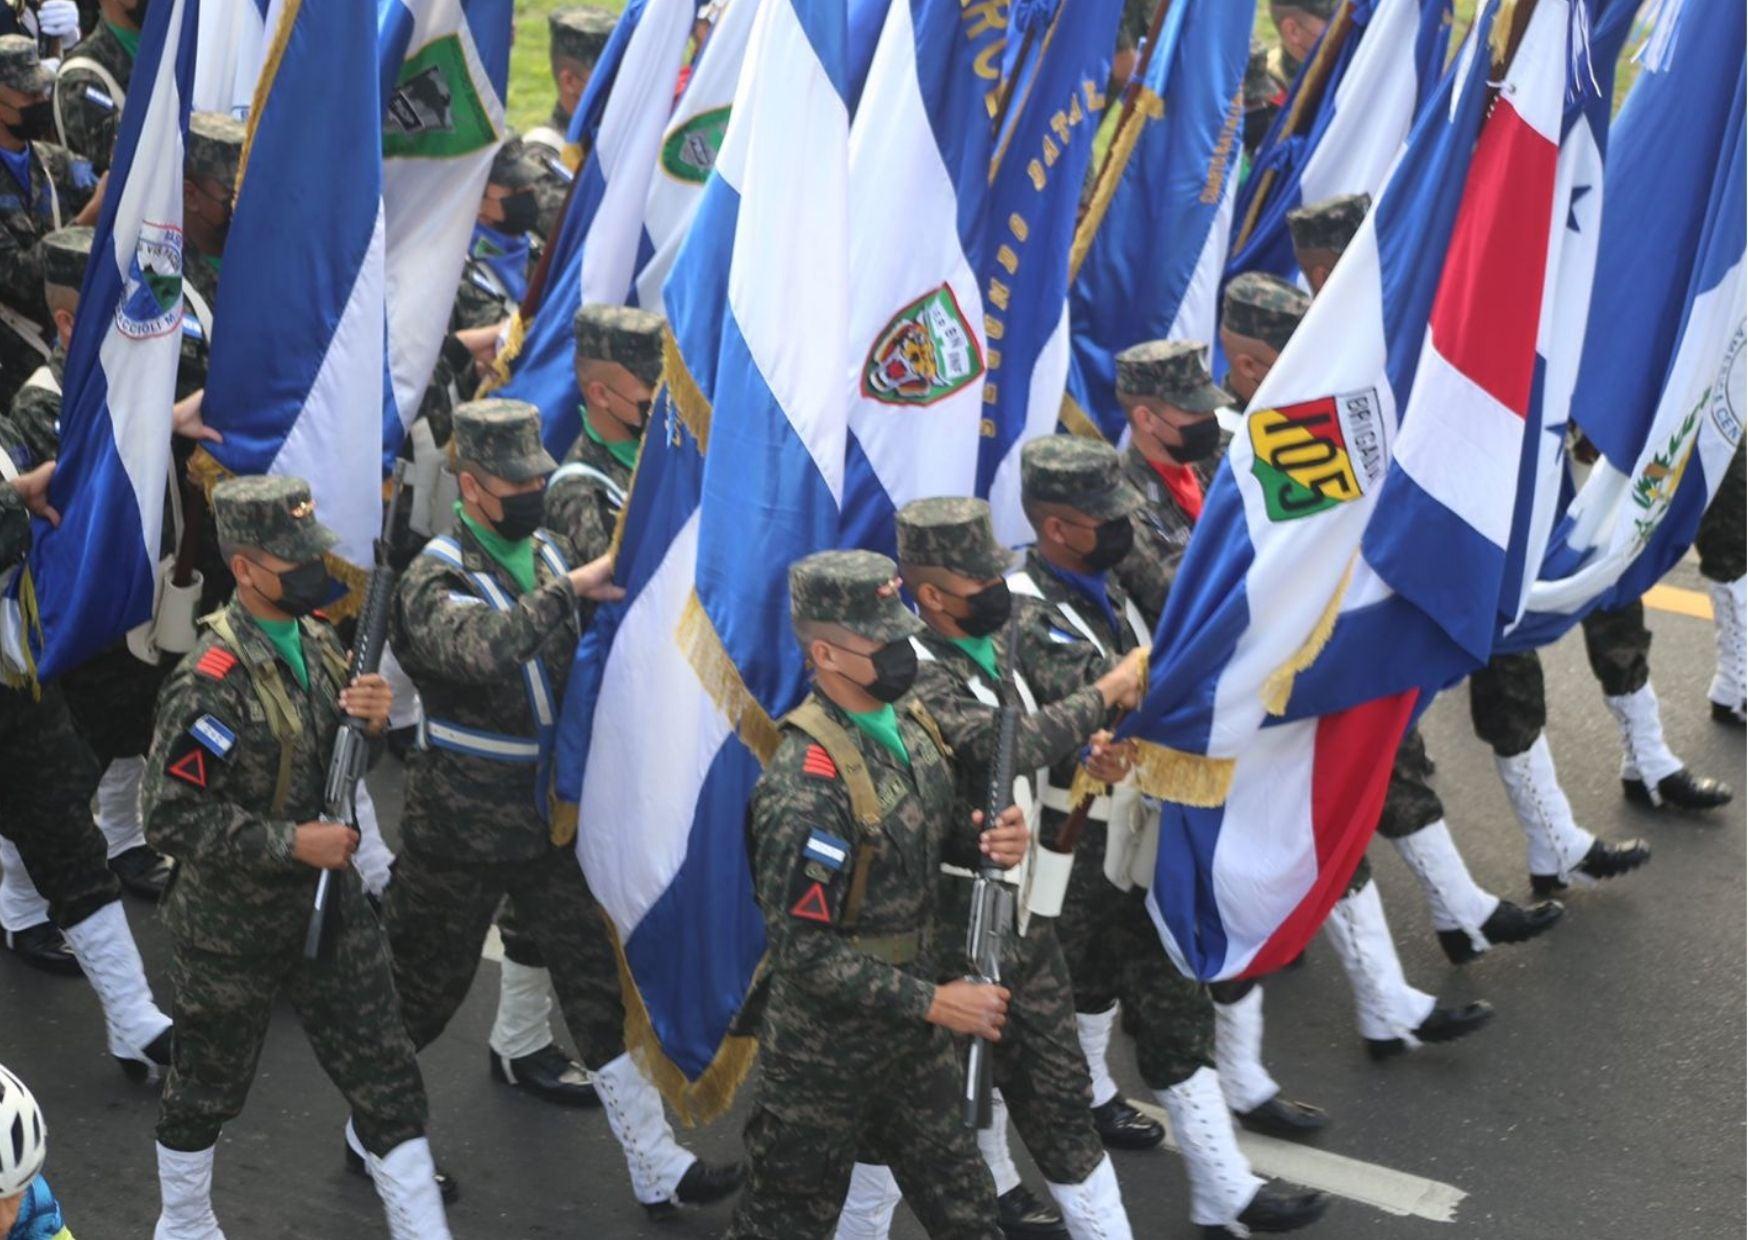 Desfile con las banderas de los países centroamericanos. Foto Carlos Hernández.